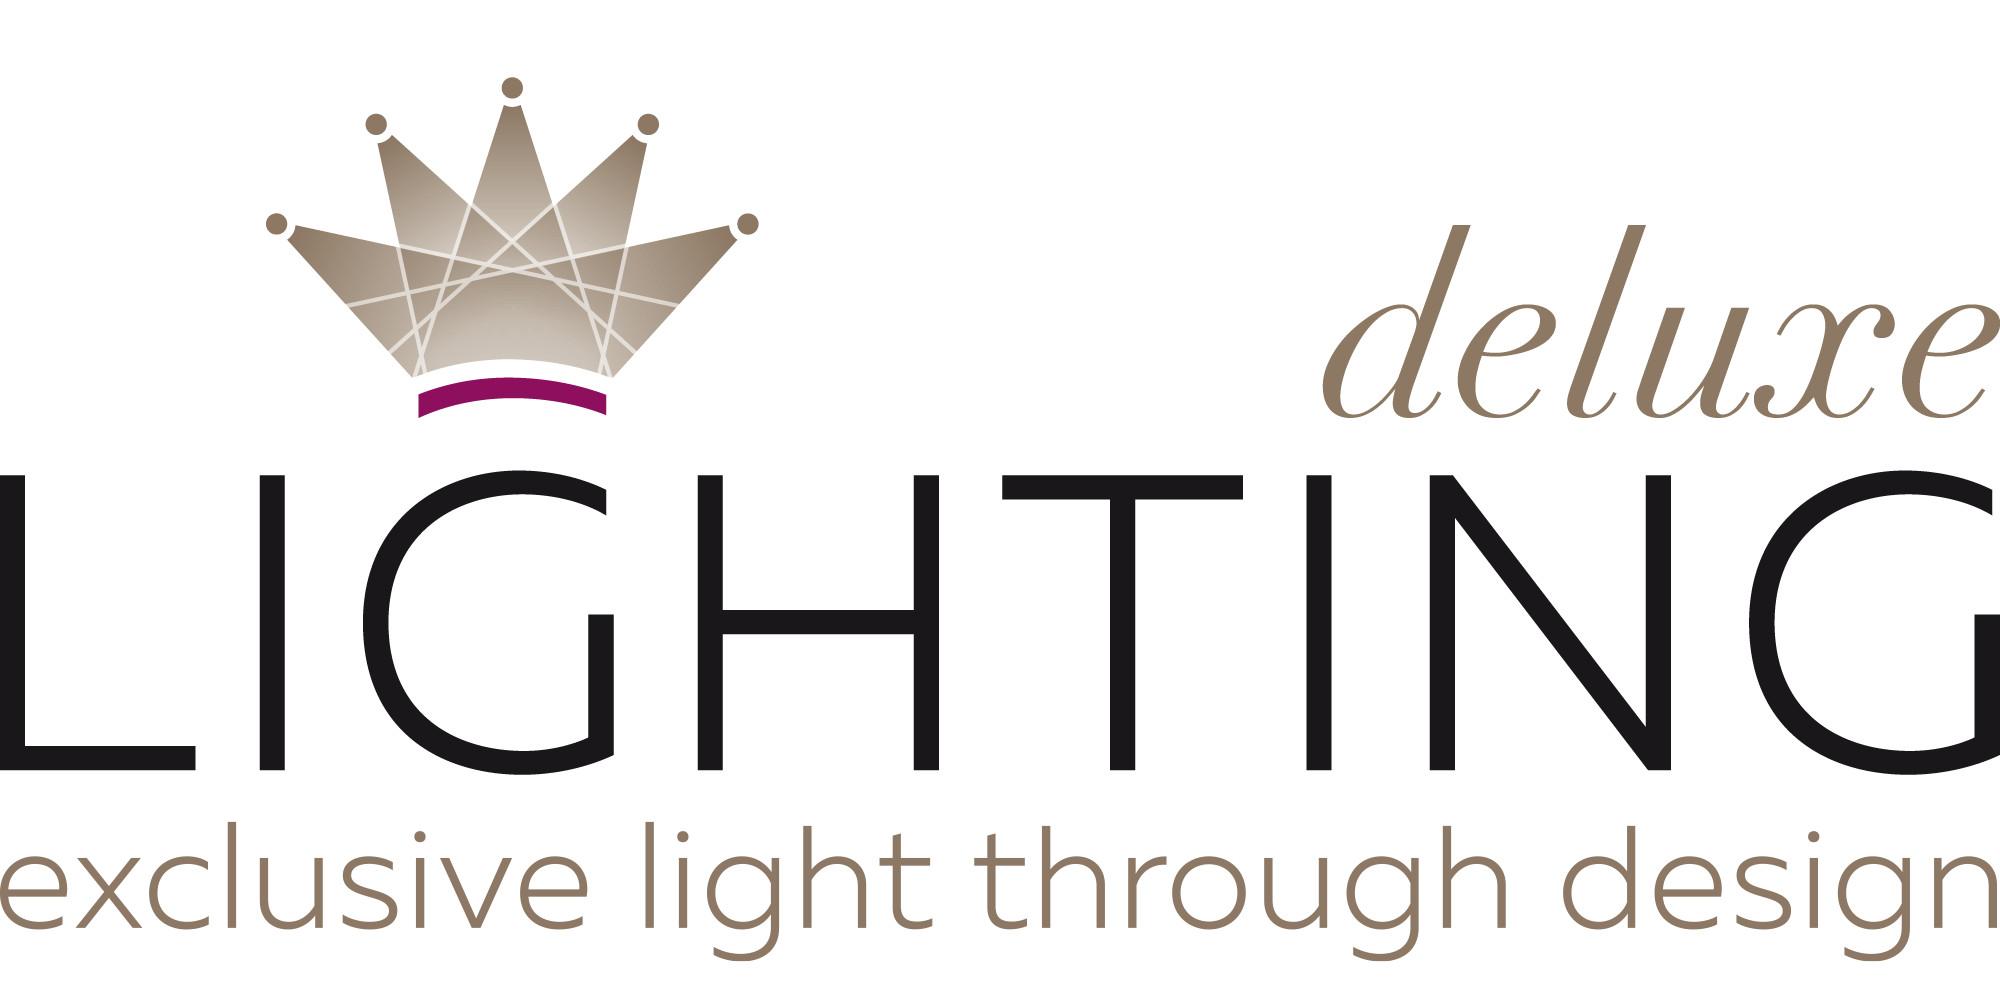 Lightingdeluxe